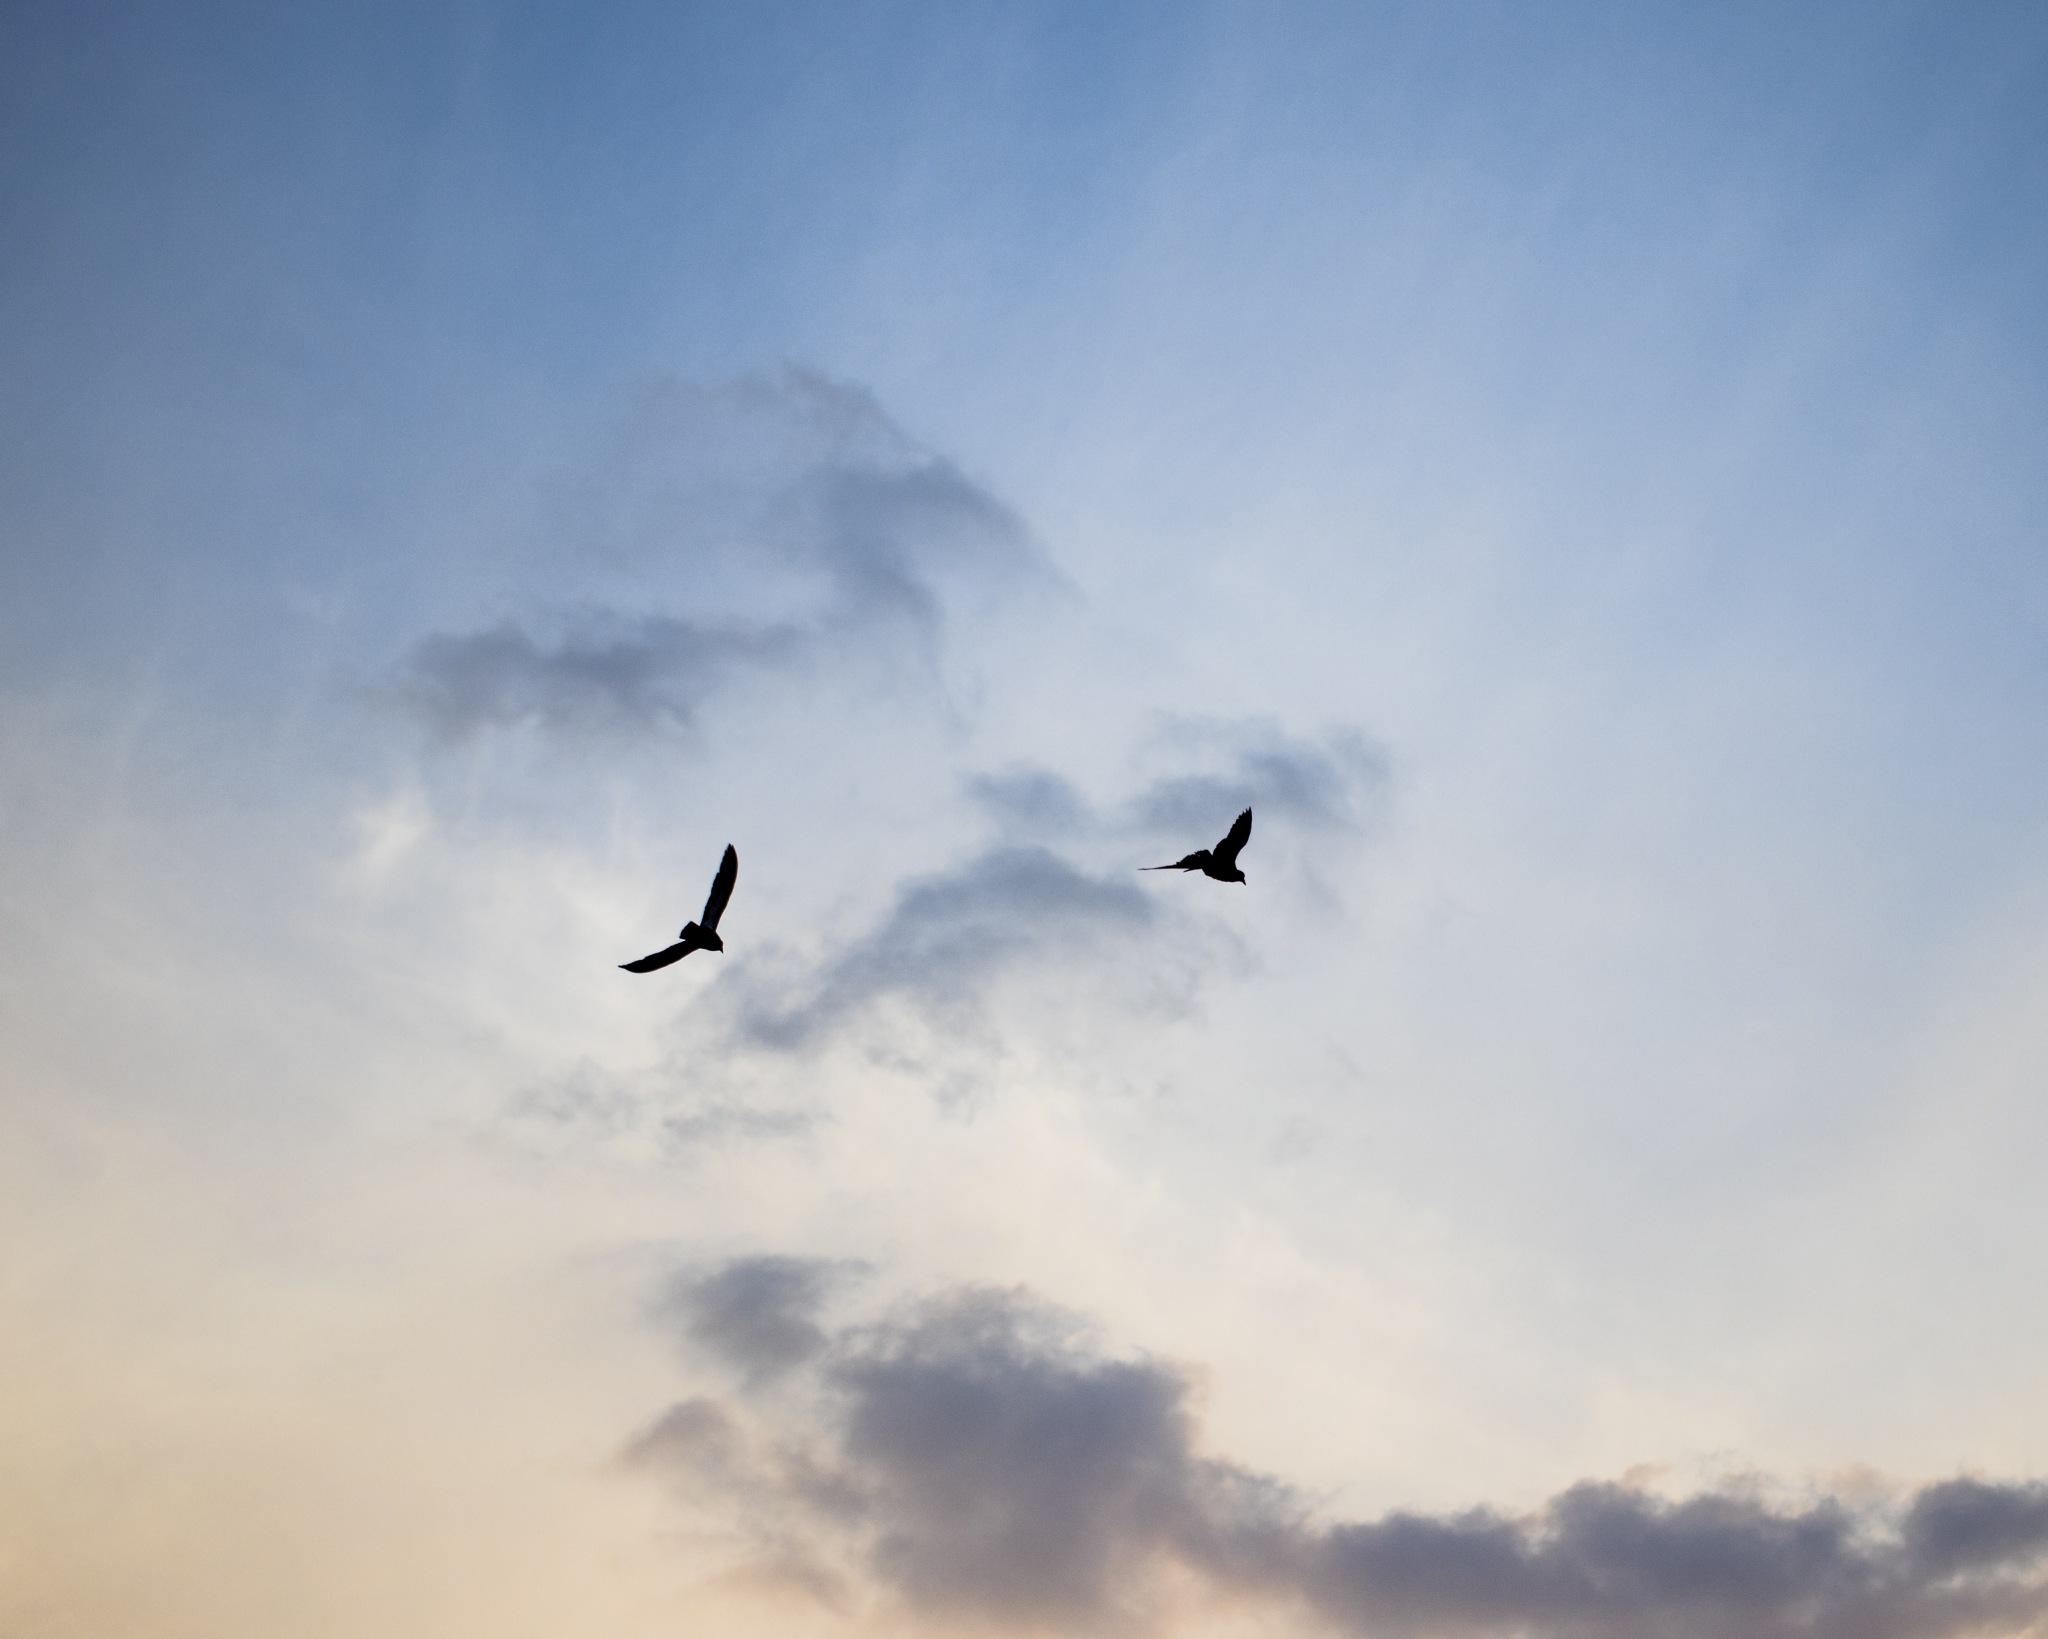 sky high by Lim Jing Yuan